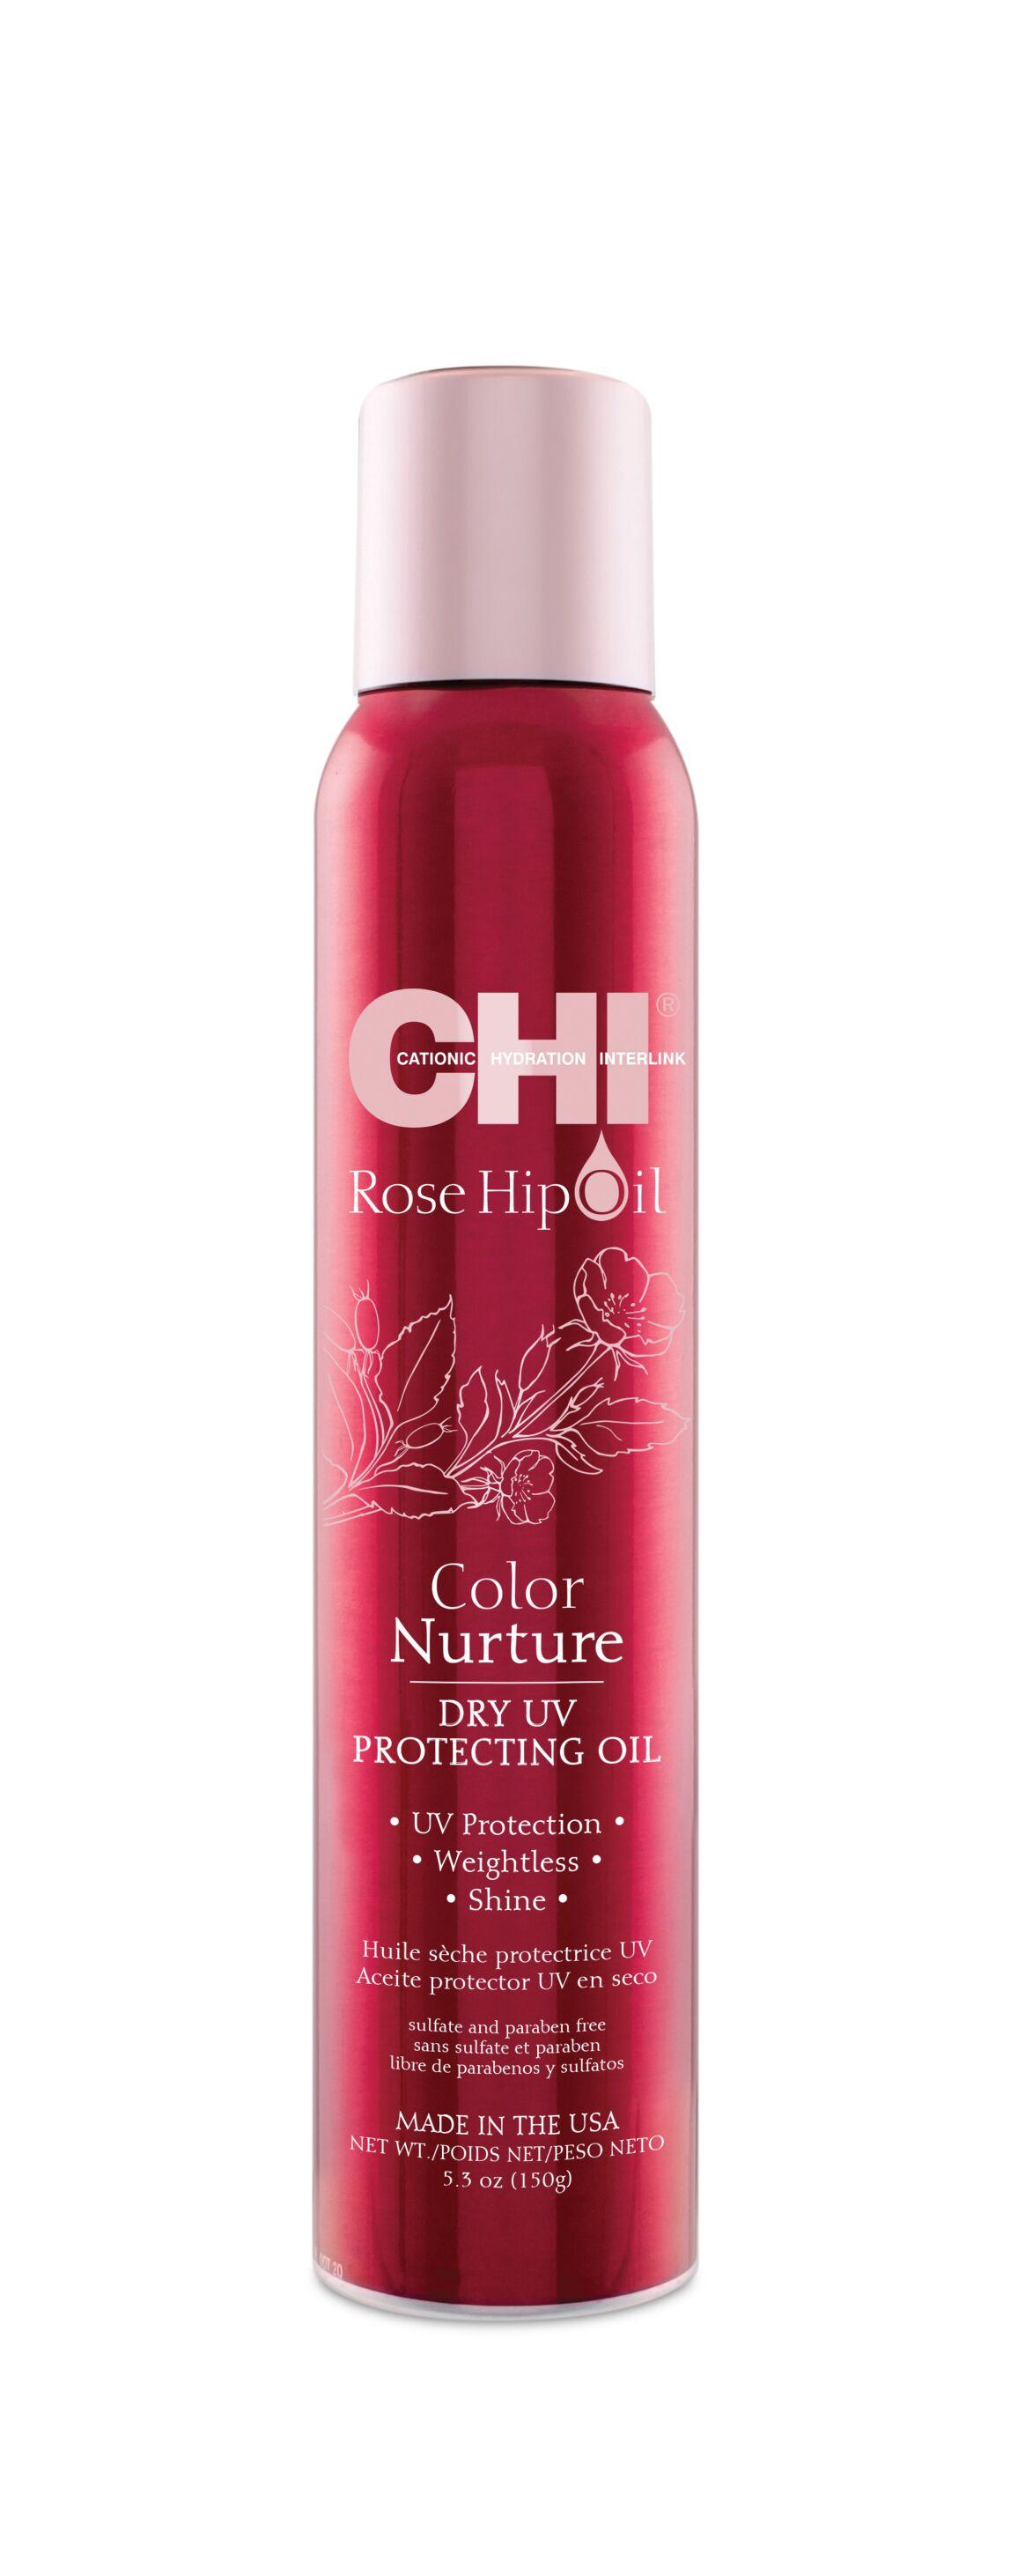 CHI Масло финишное для волос с экстрактом шиповника и защитой от УФ 150 мл